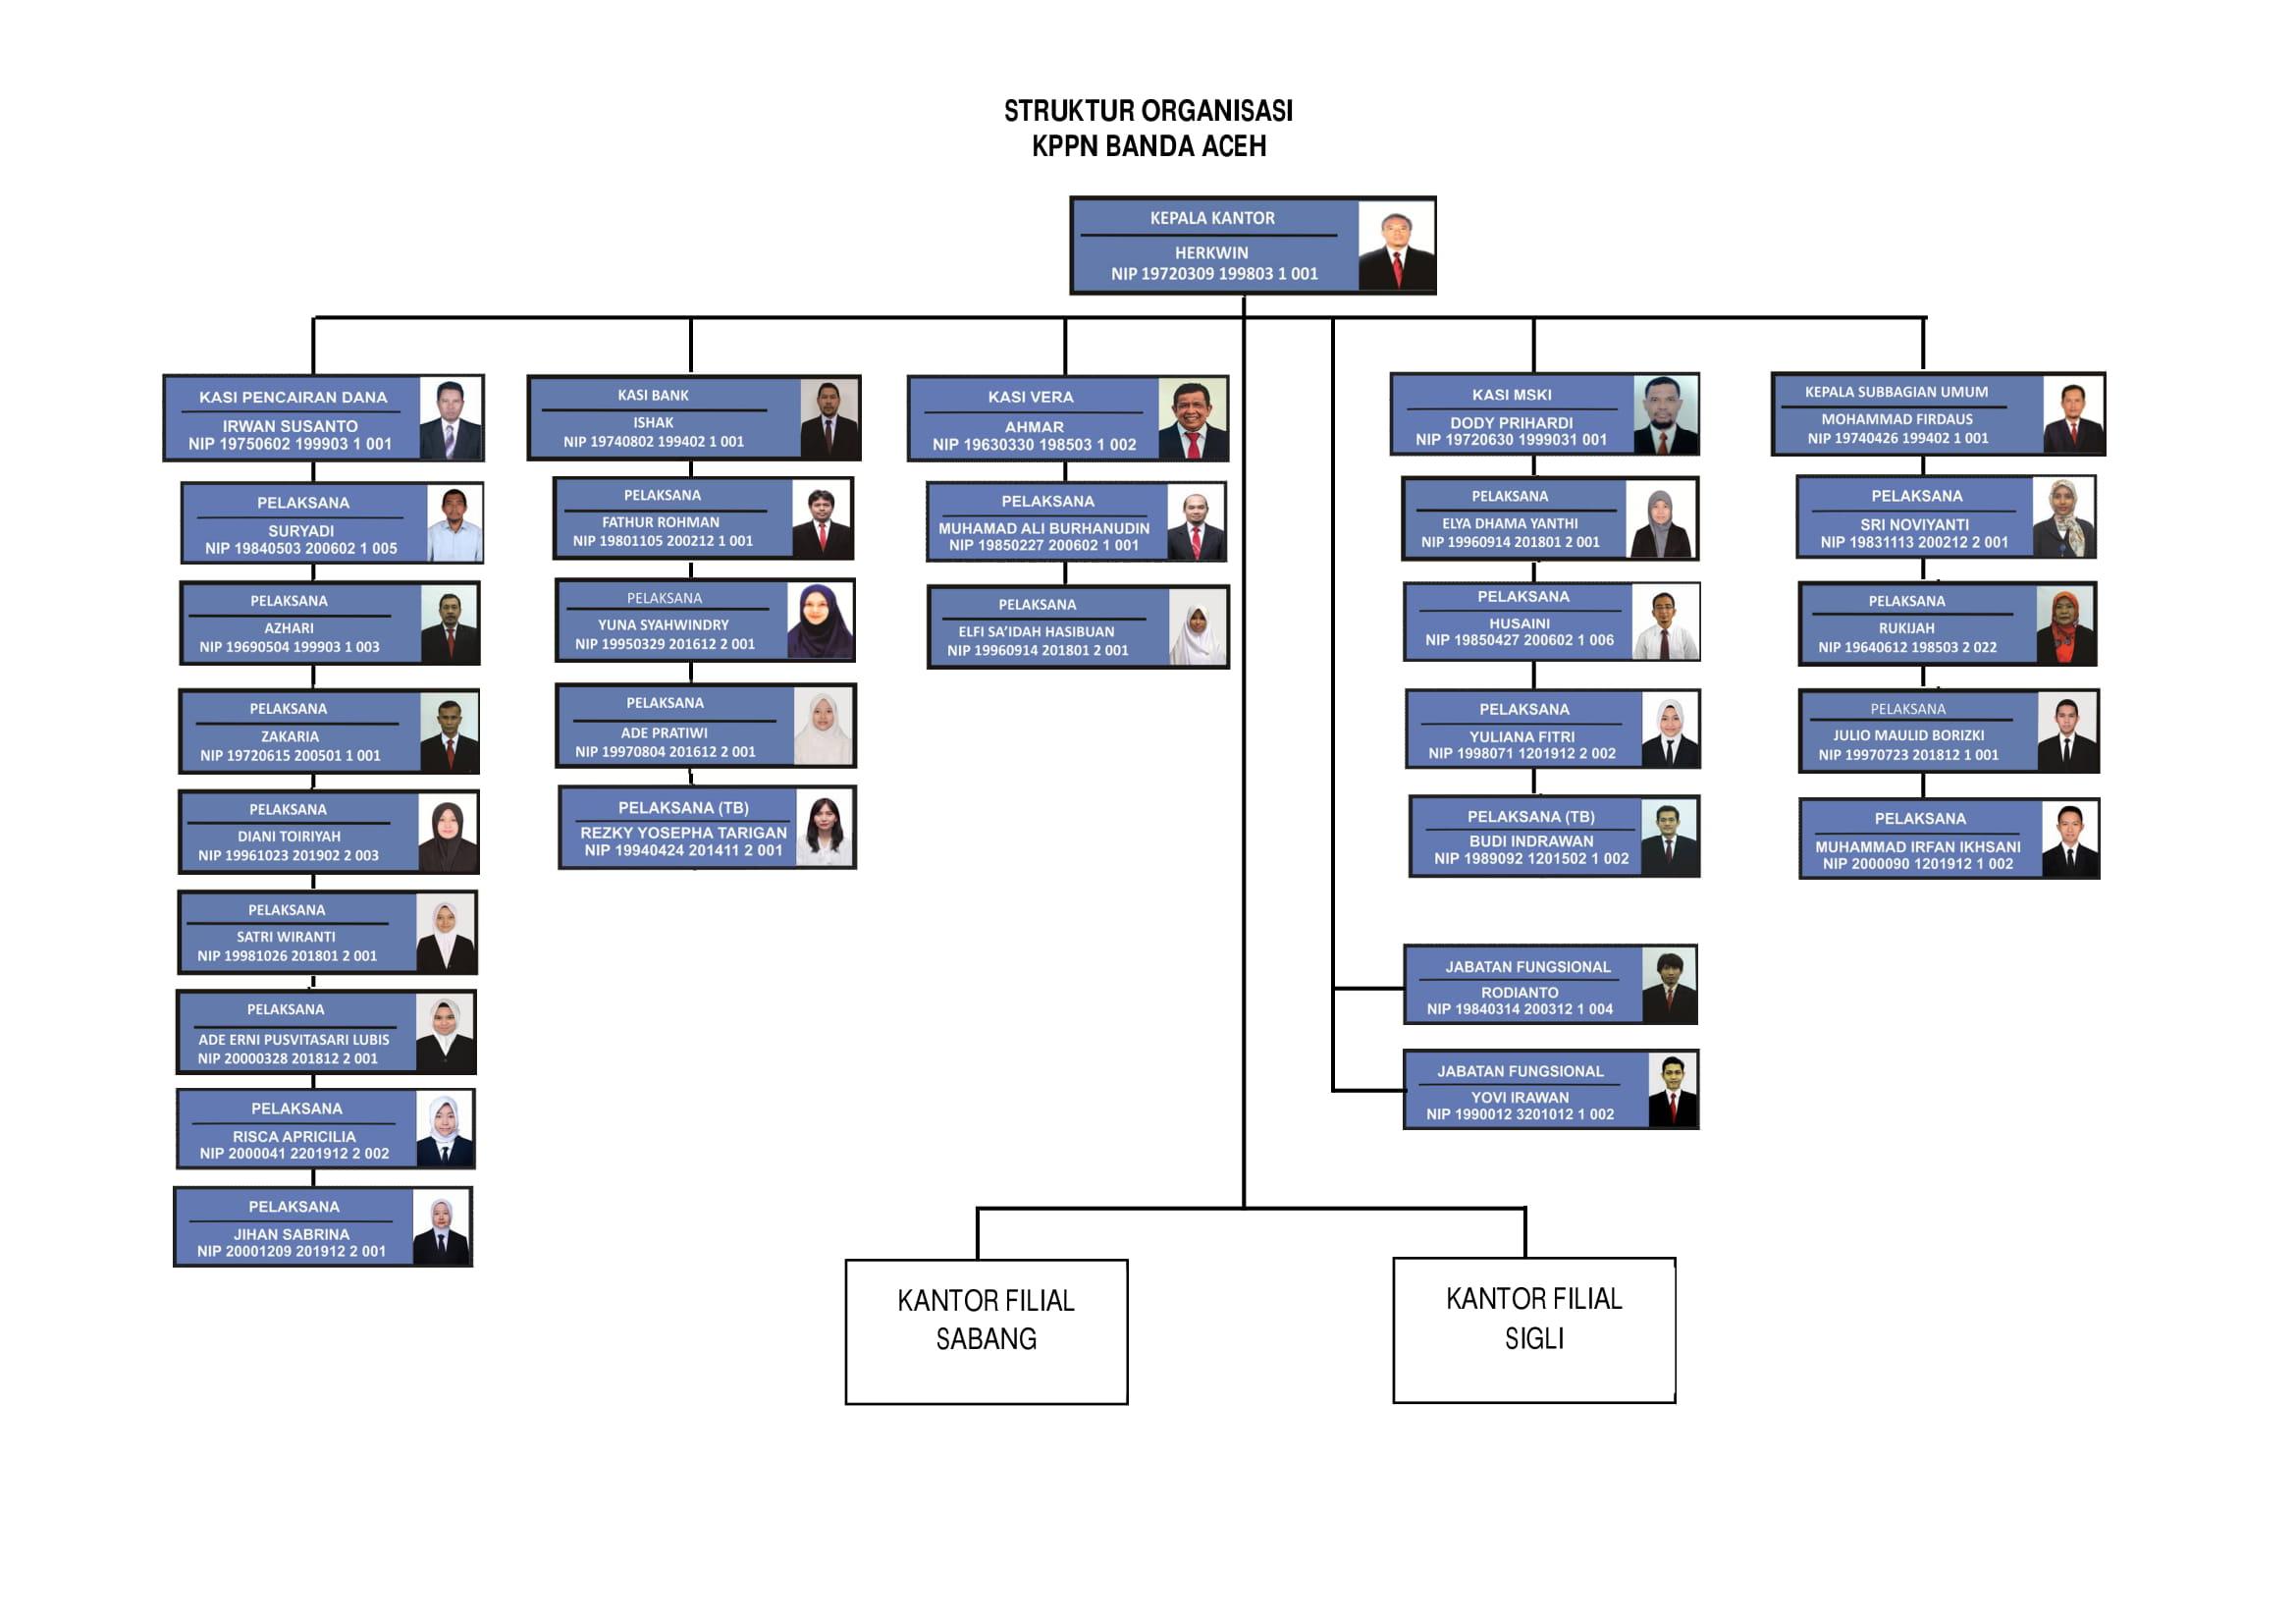 Profil Kppn Banda Aceh Kantor Pelayanan Perbendaharaan Negara Djpb Kemenkeu Ri Perbendaharaan Kementerian Keuangan Ri